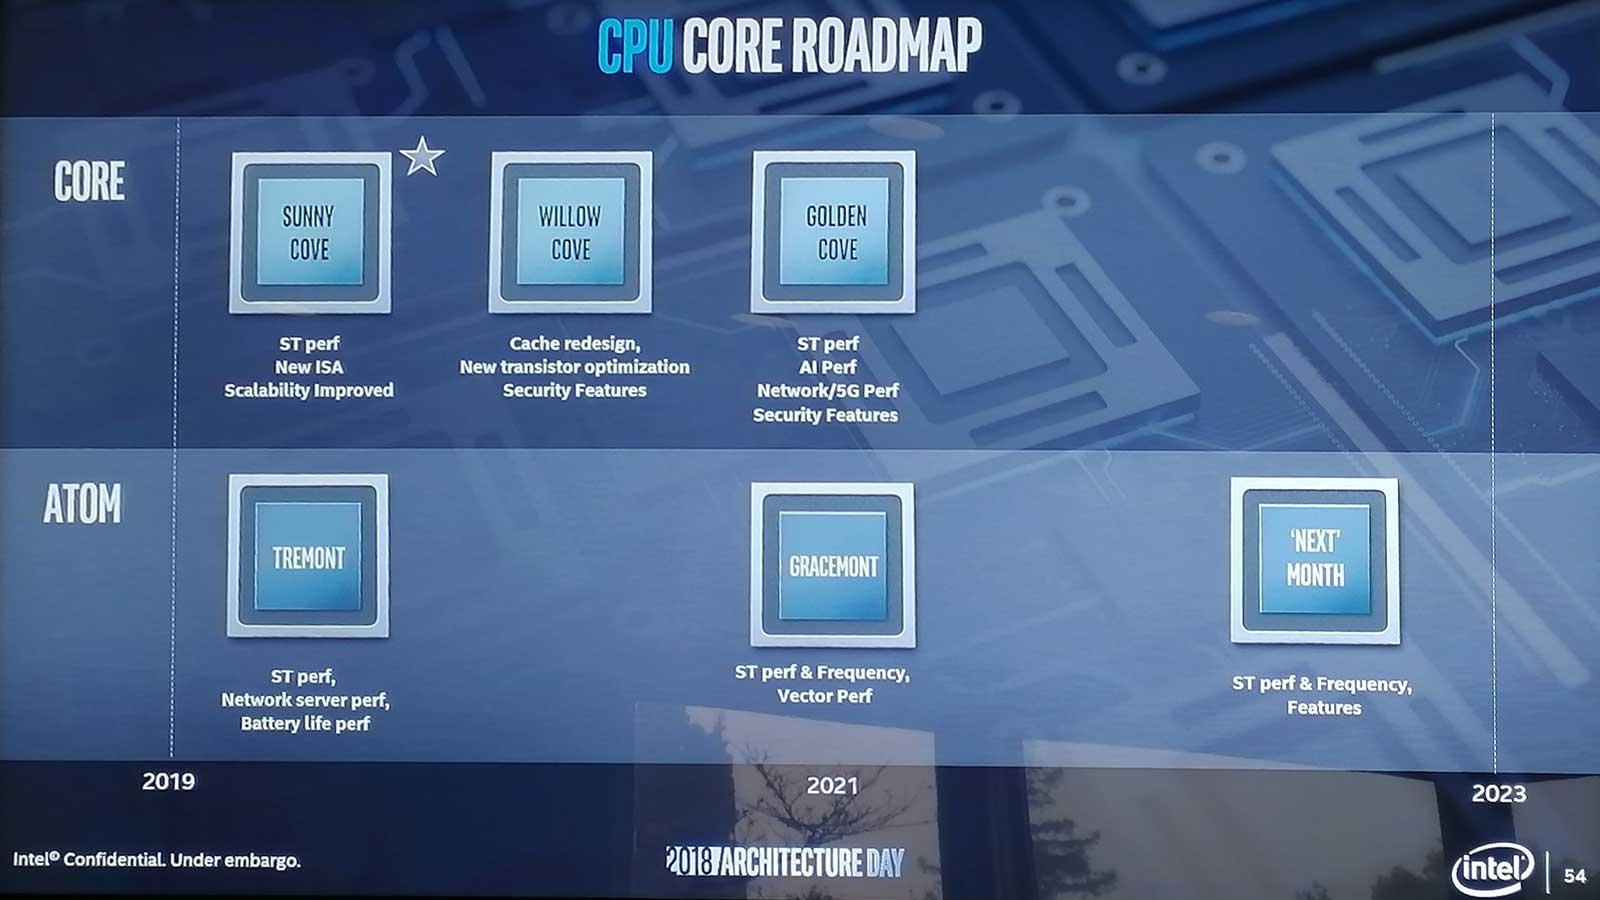 1-Roadmap